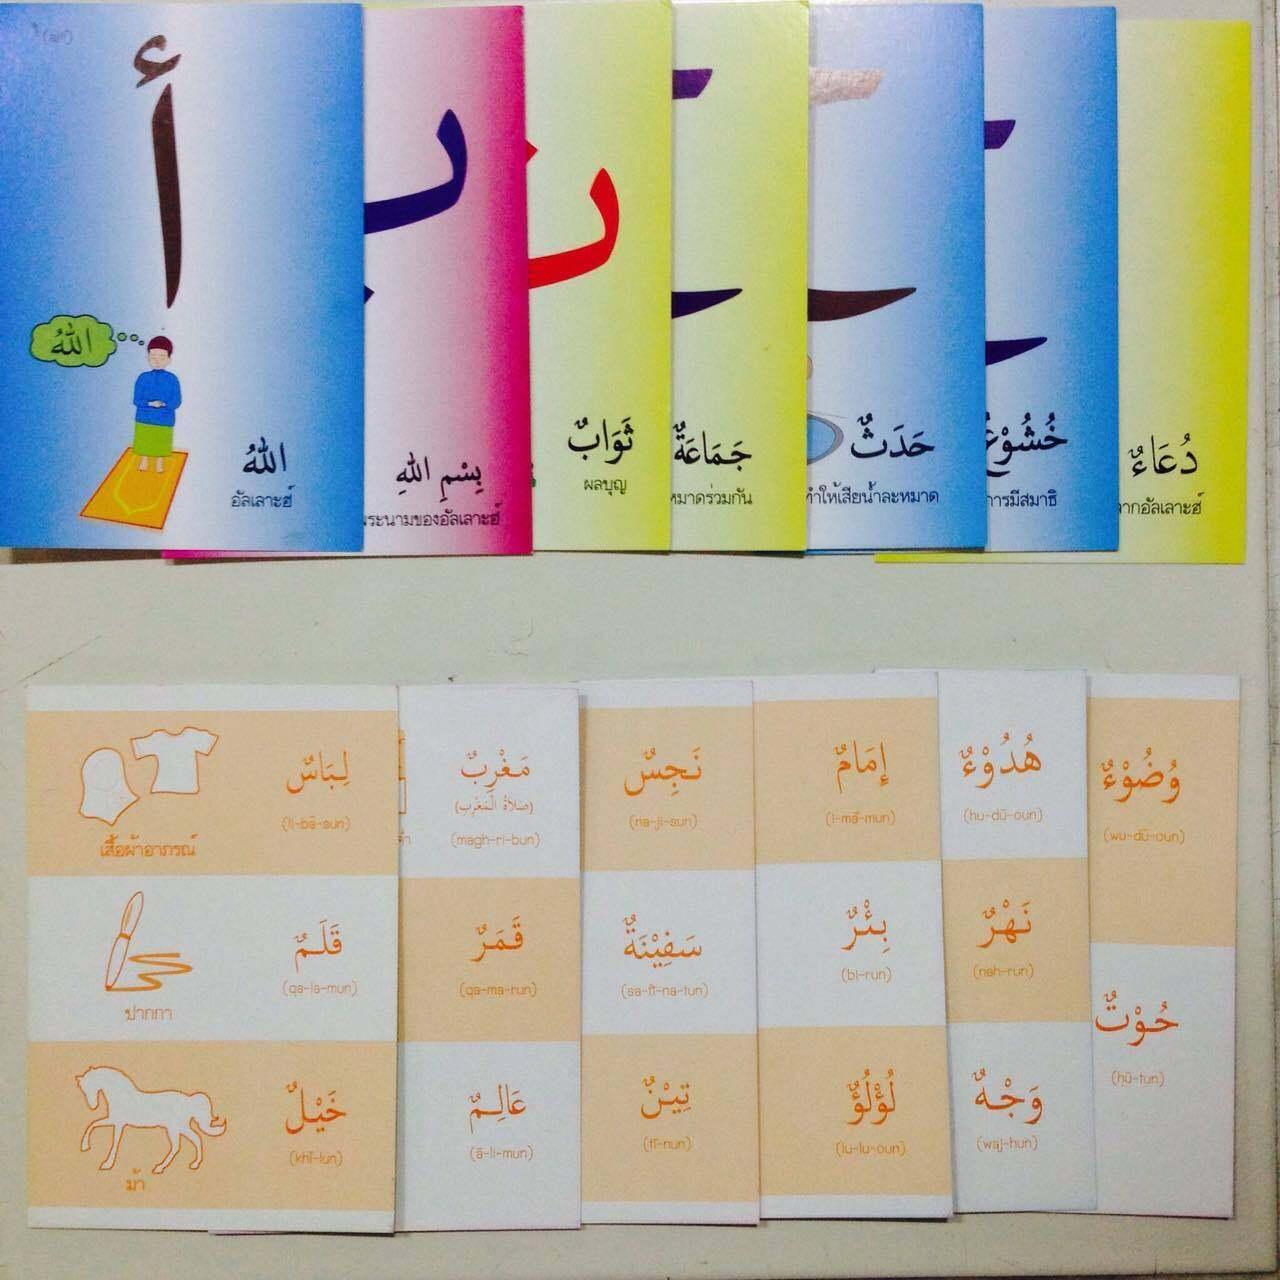 รีวิว บัตรคำ ภาษาอาหรับ อลีฟ บา ตา // Flashcard // หนังสือเด็ก มุสลิม // สื่อการสอน // เสริมทักษะ